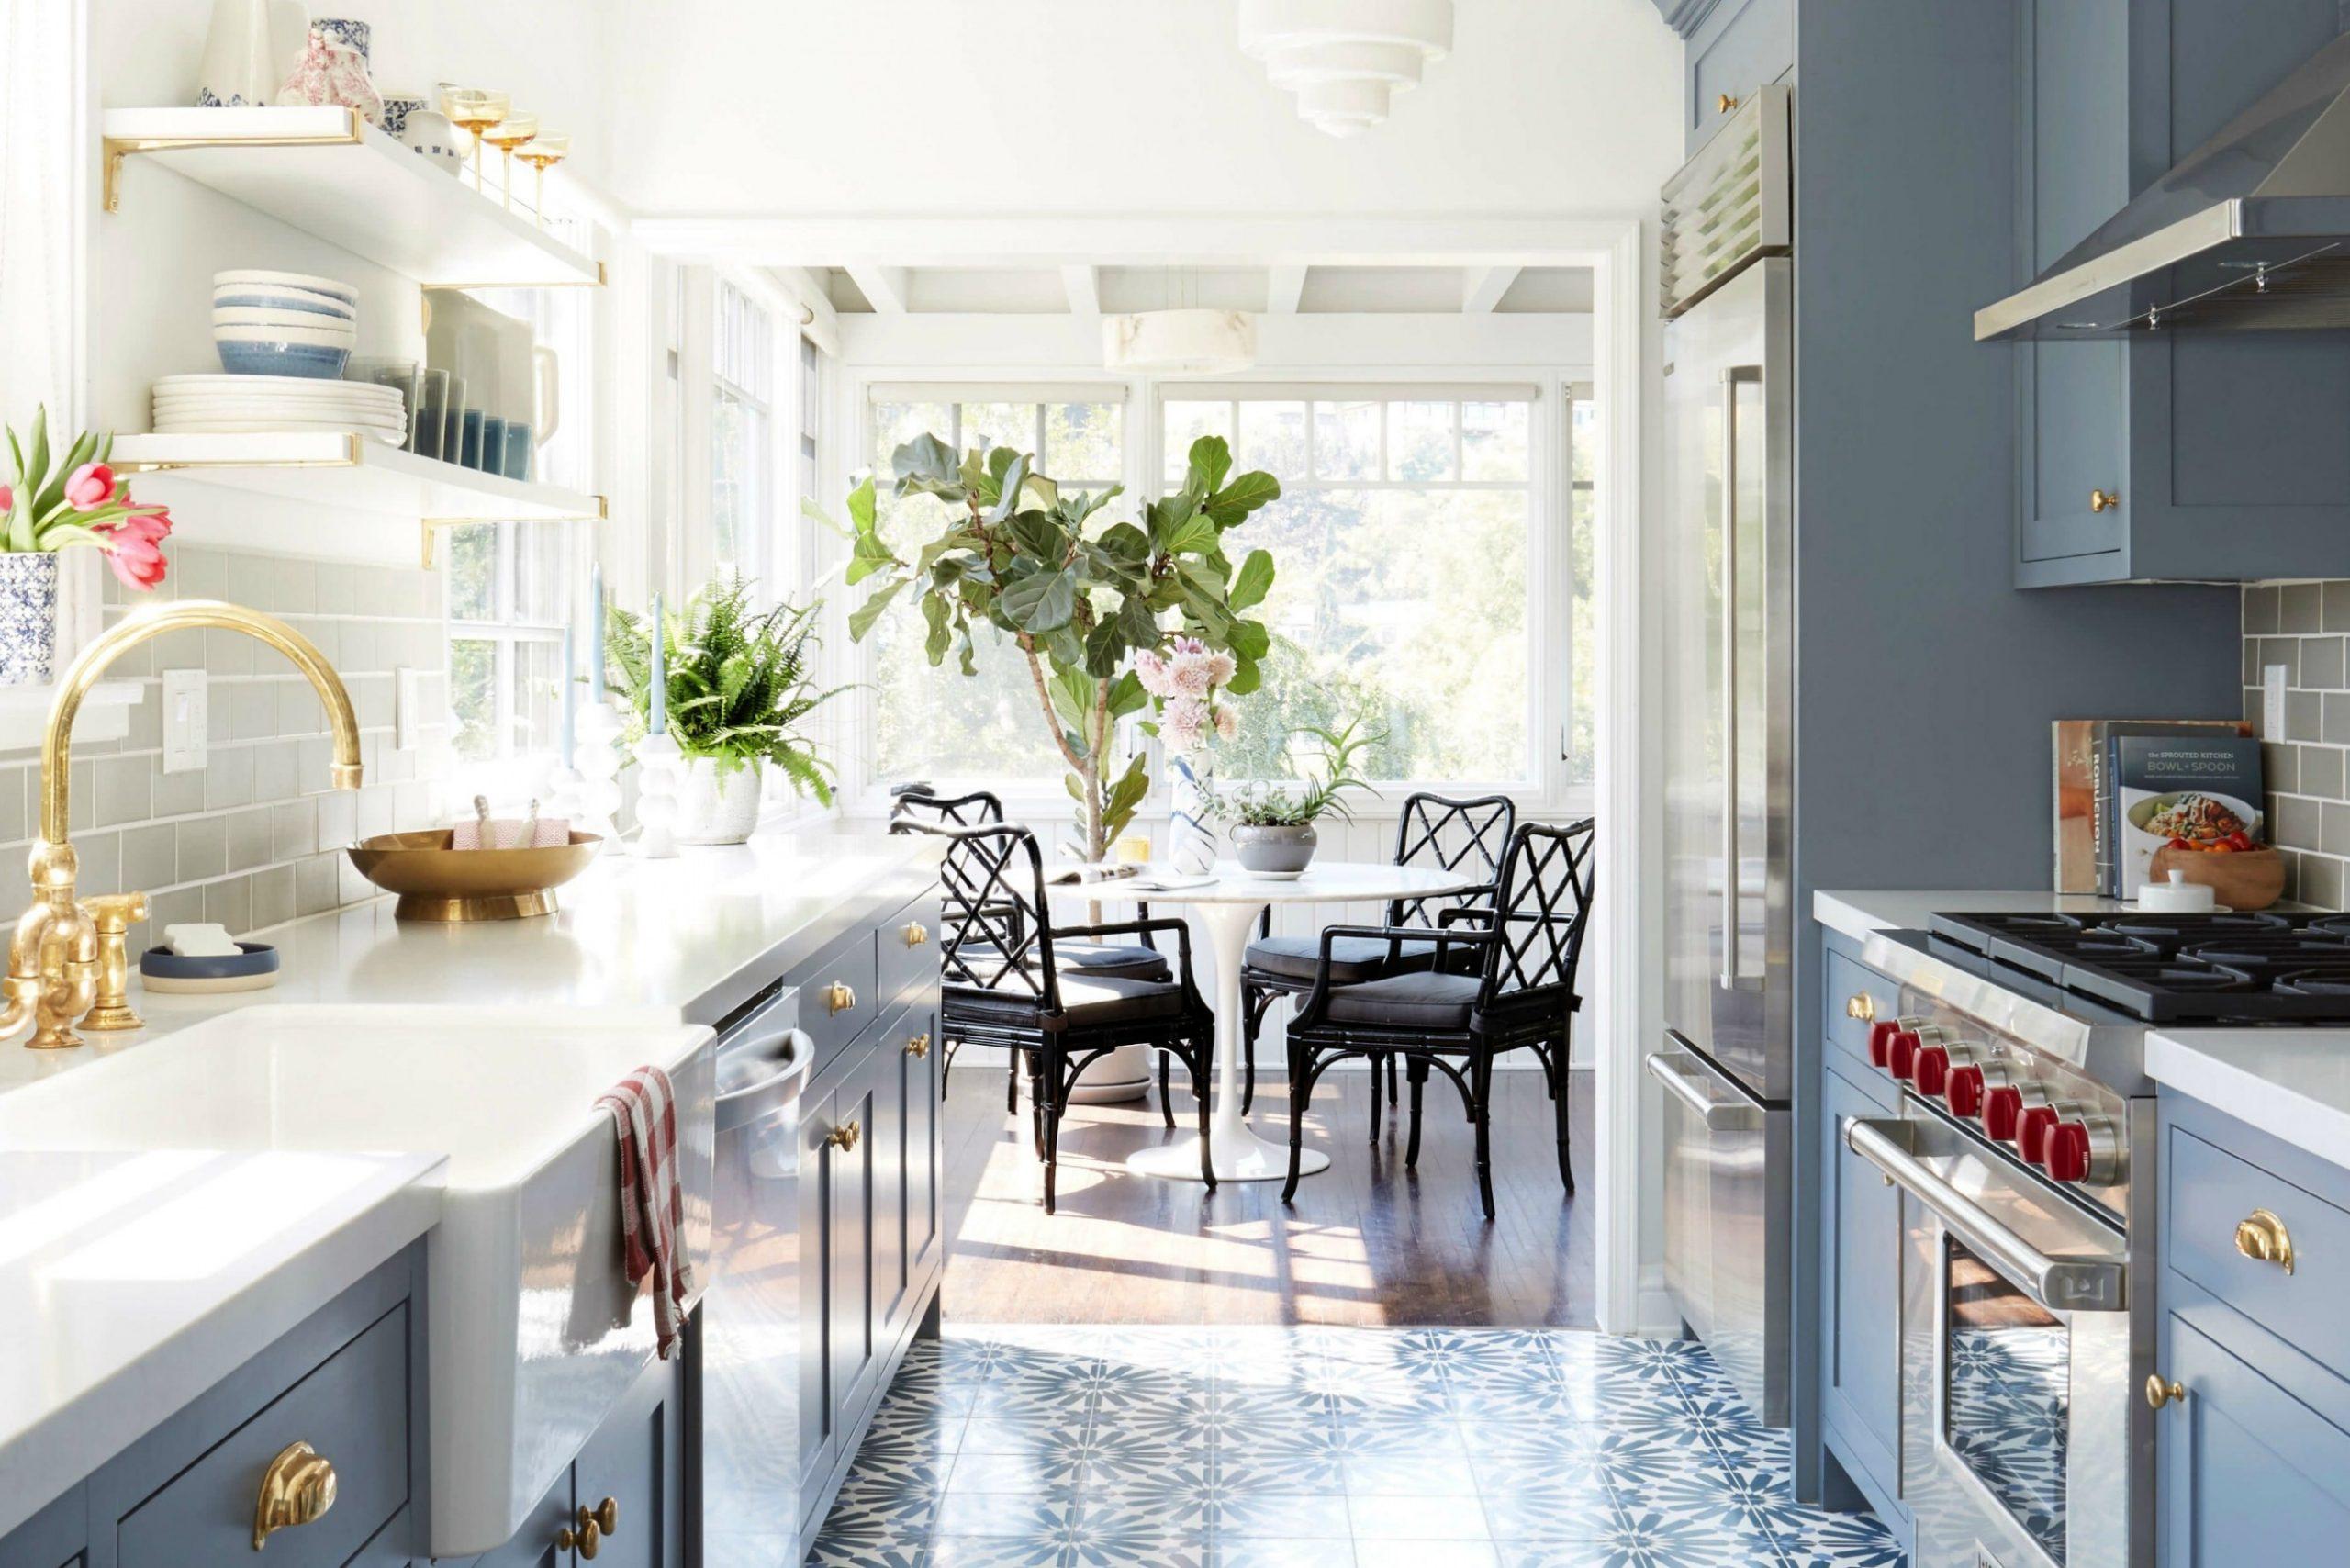 Small Galley Kitchen Ideas & Design Inspiration  Architectural Digest - Diy Galley Kitchen Cabinet Ideas